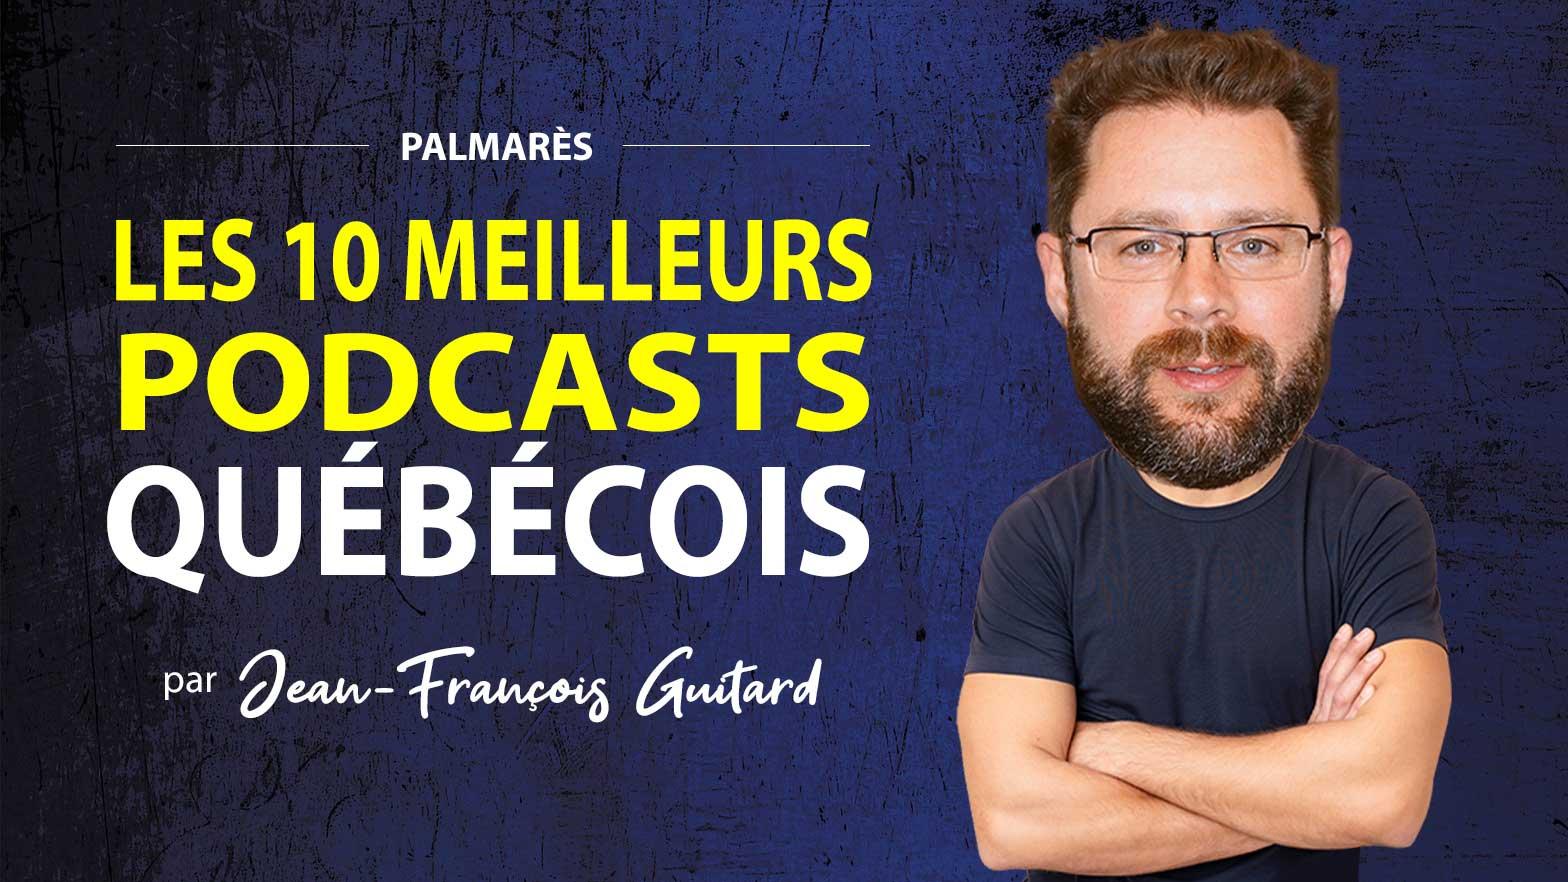 palmarès des 10 meilleurs podcasts québécois